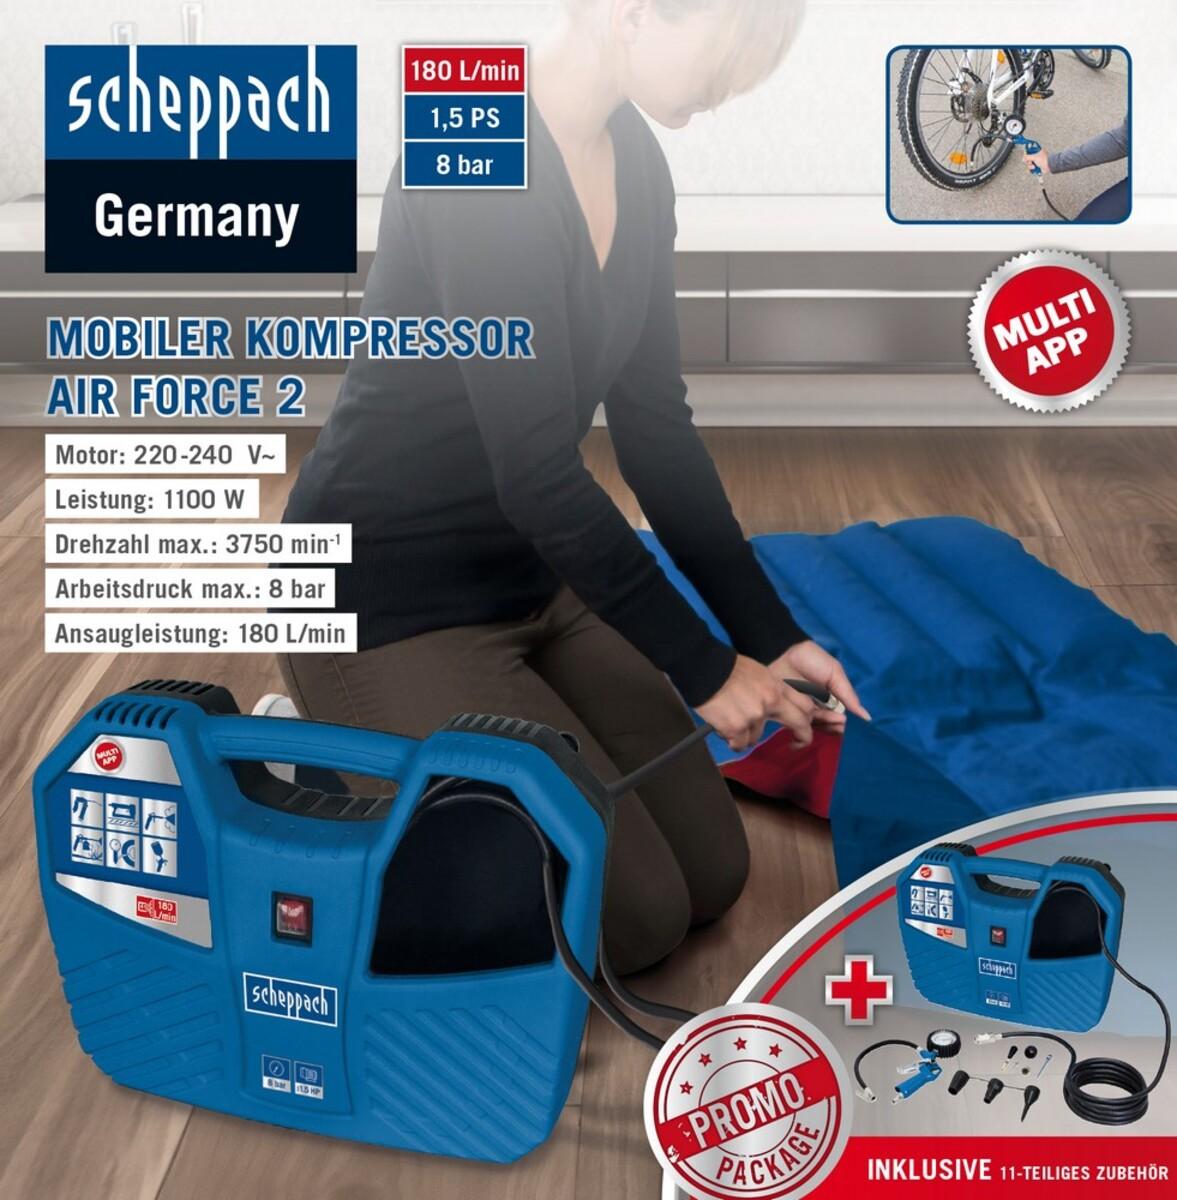 Bild 1 von Scheppach Mobiler Kompressor Air Force 2